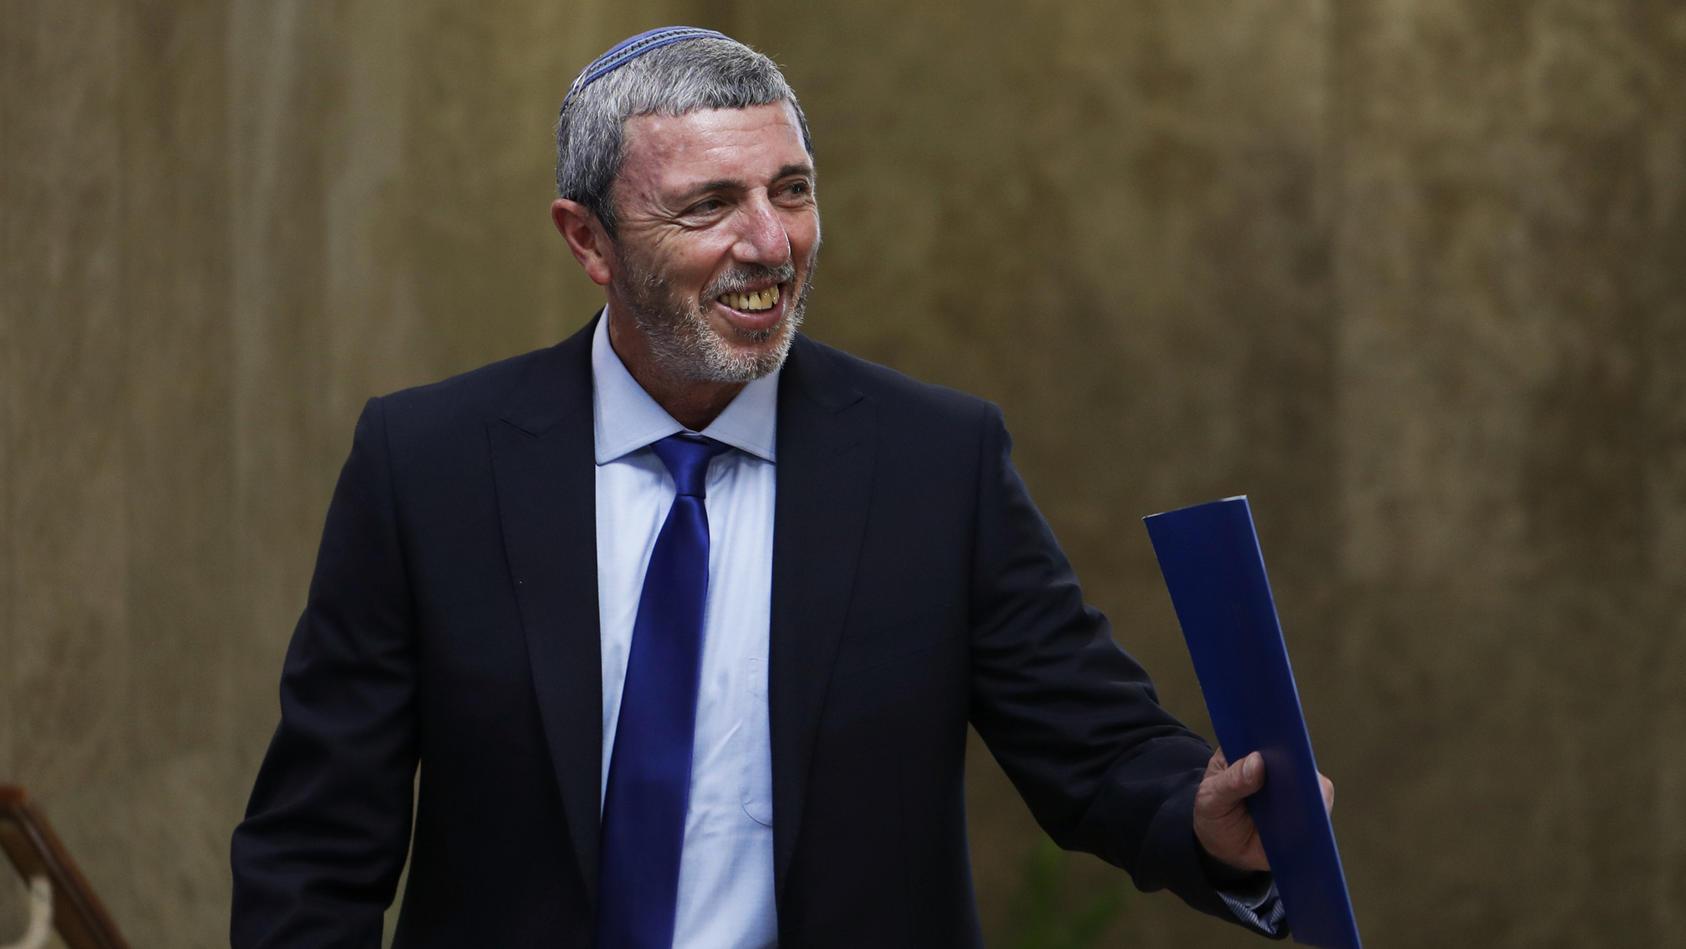 Mehrere Schulen haben gegen schwulenfeindliche Äußerungen des israelischen Erziehungsministers Rafi Perez protestiert.